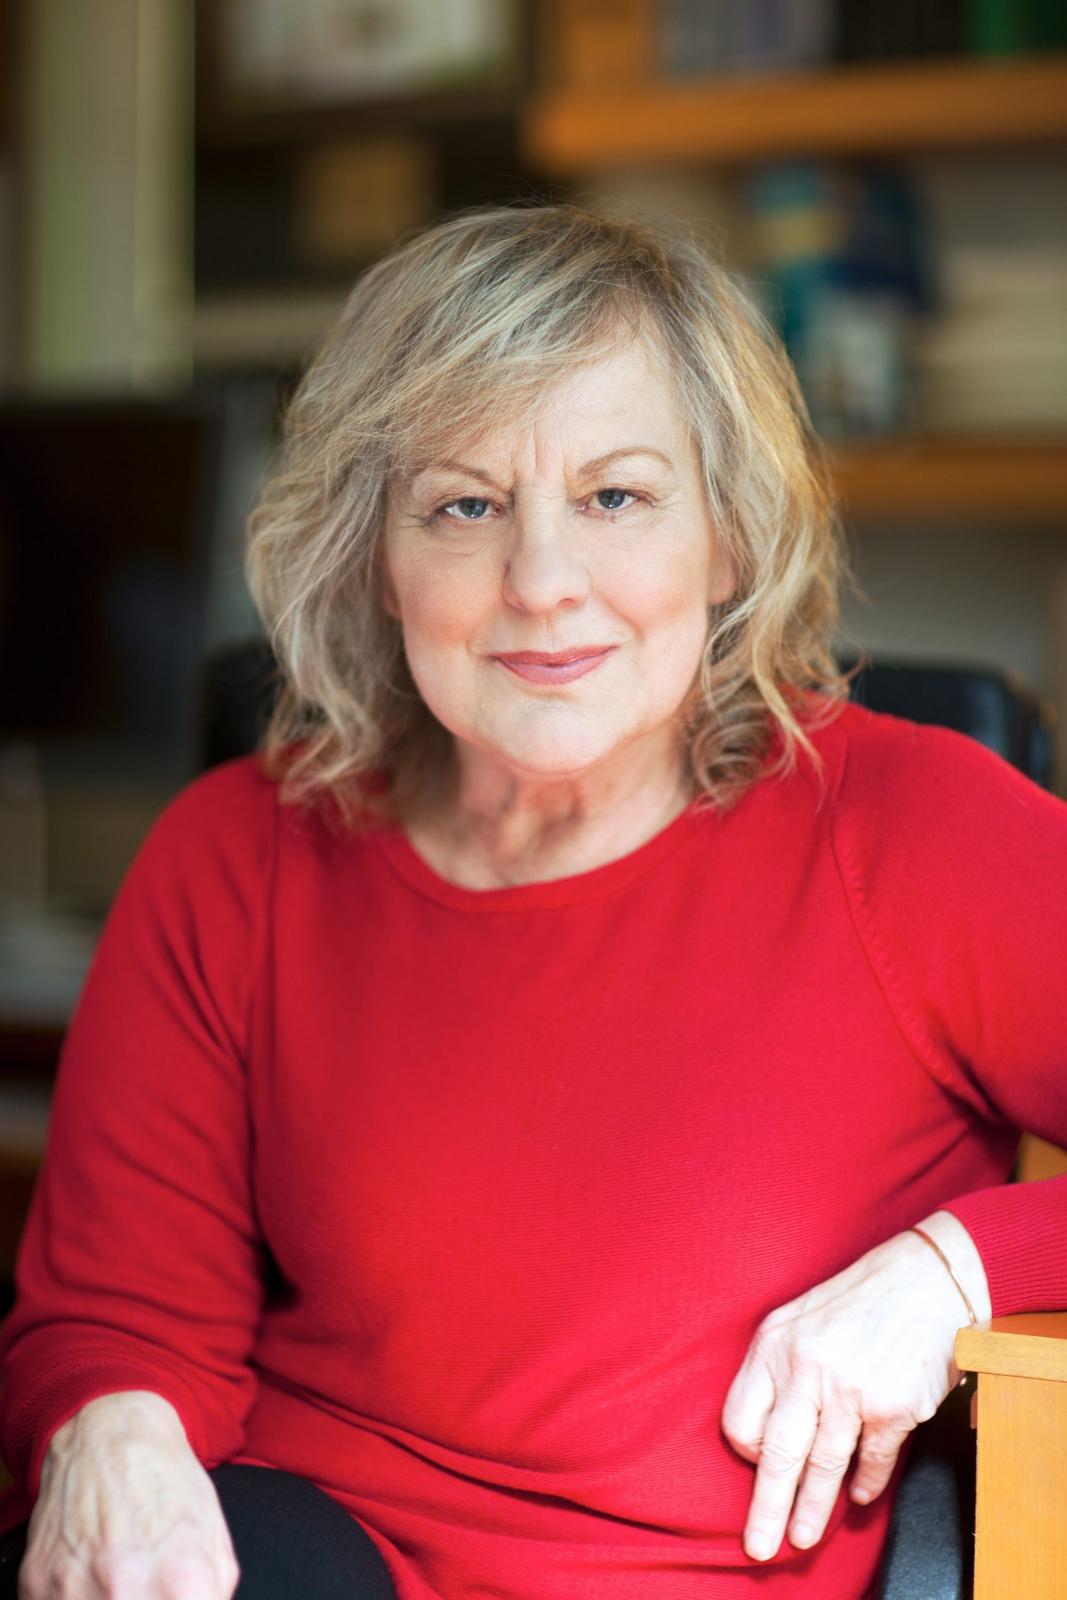 Sue Townsend